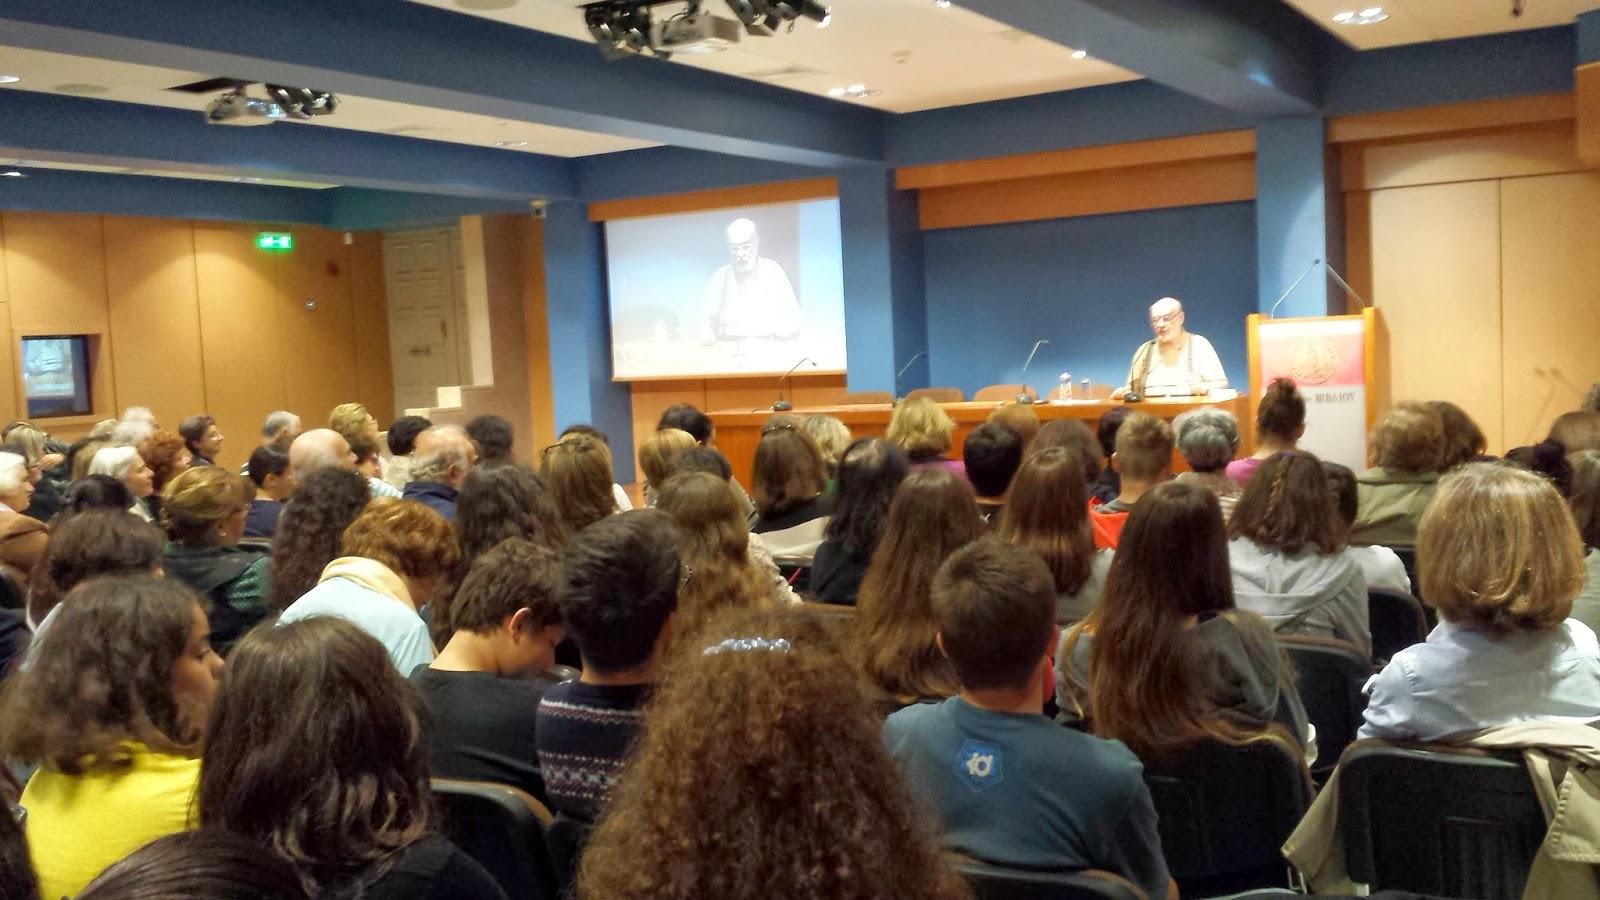 Νέες σειρές μαθημάτων ξεκινούν από τον Οκτώβριο στο Ελεύθερο Πανεπιστήμιο στη Στοά Βιβλίου